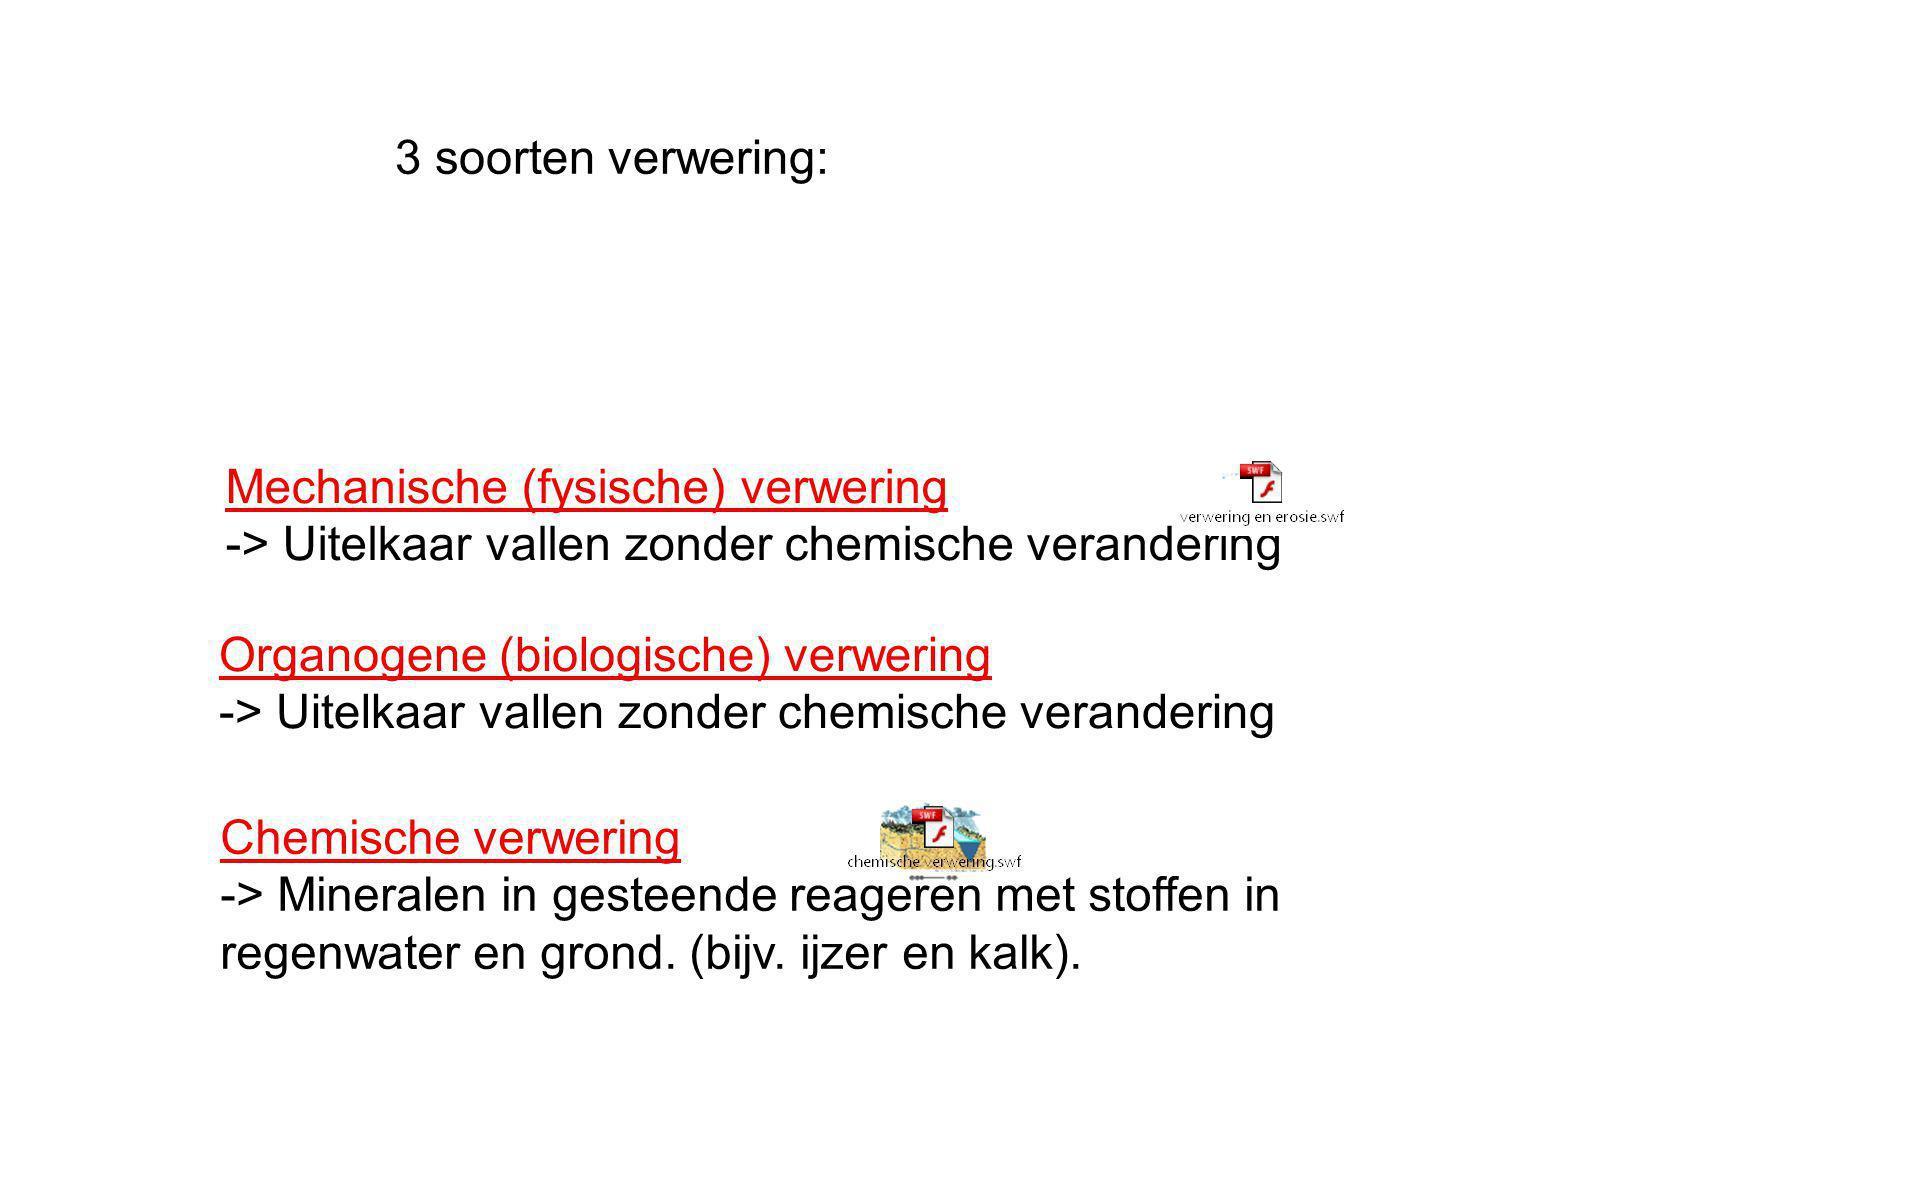 3 soorten verwering: Mechanische (fysische) verwering. -> Uitelkaar vallen zonder chemische verandering.